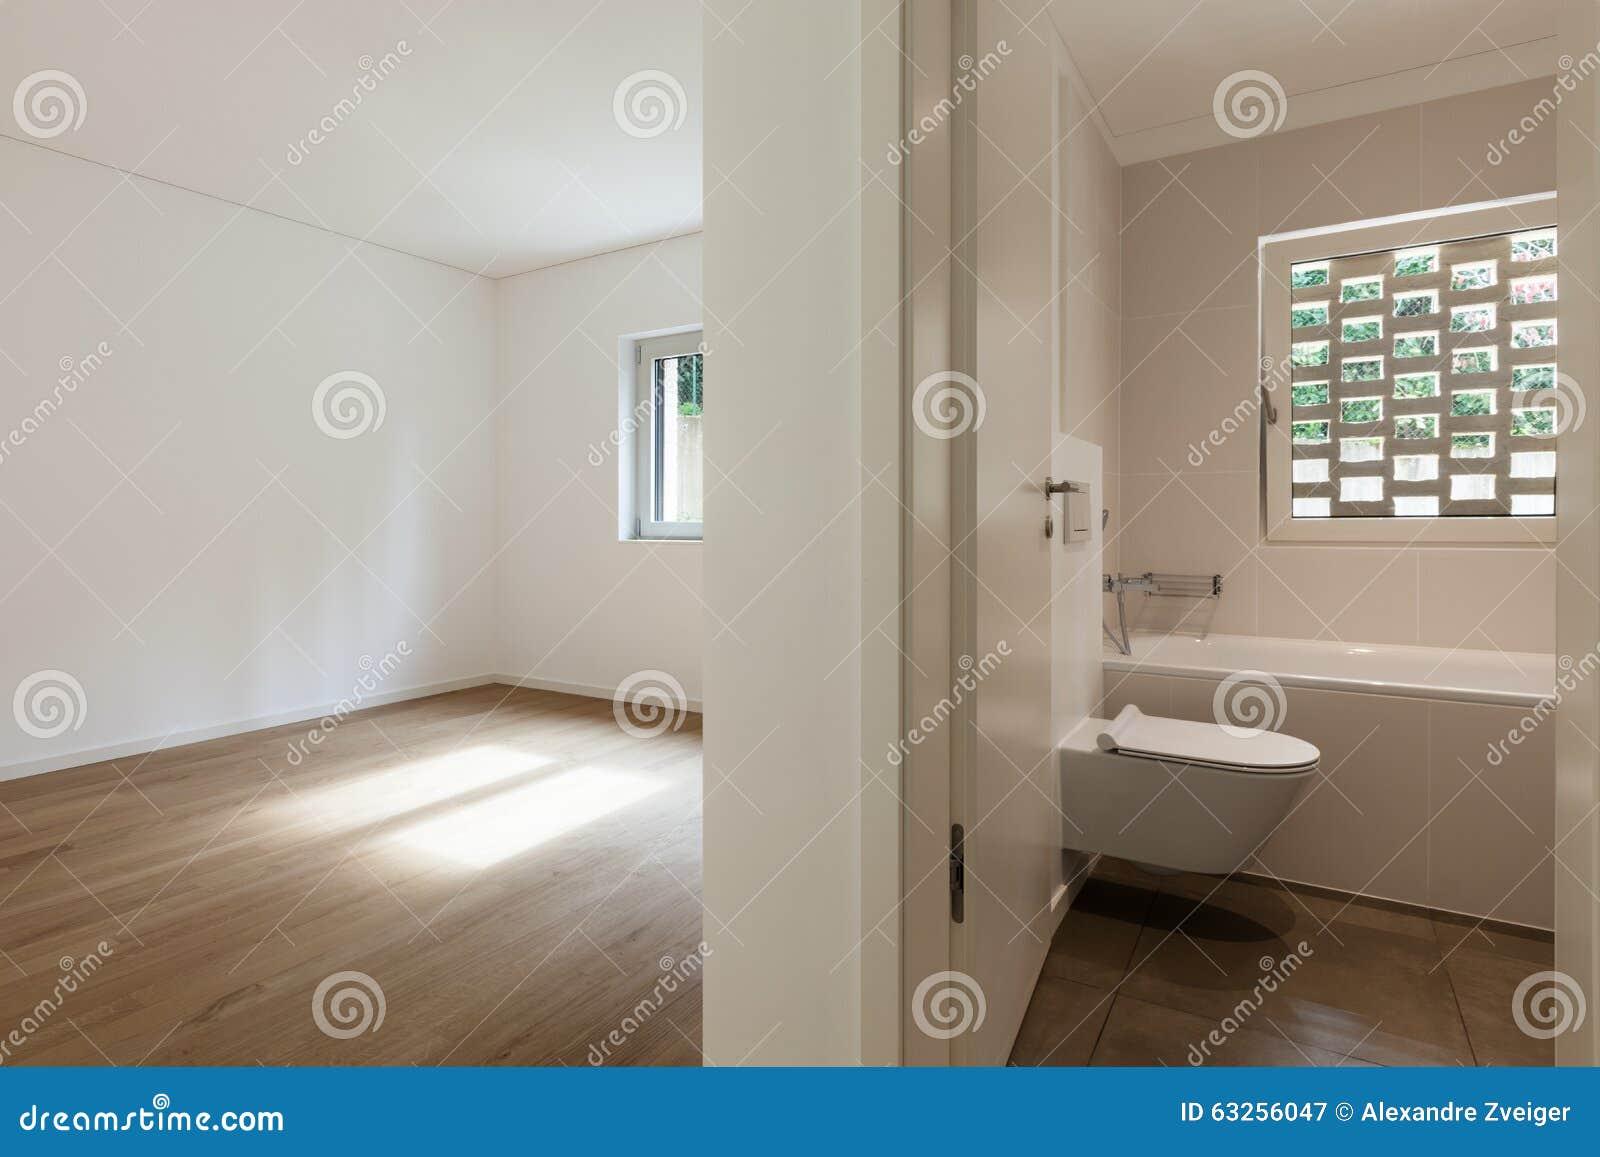 Empty Apartment Bathroom interior, empty room with bathroom stock photo - image: 63256047